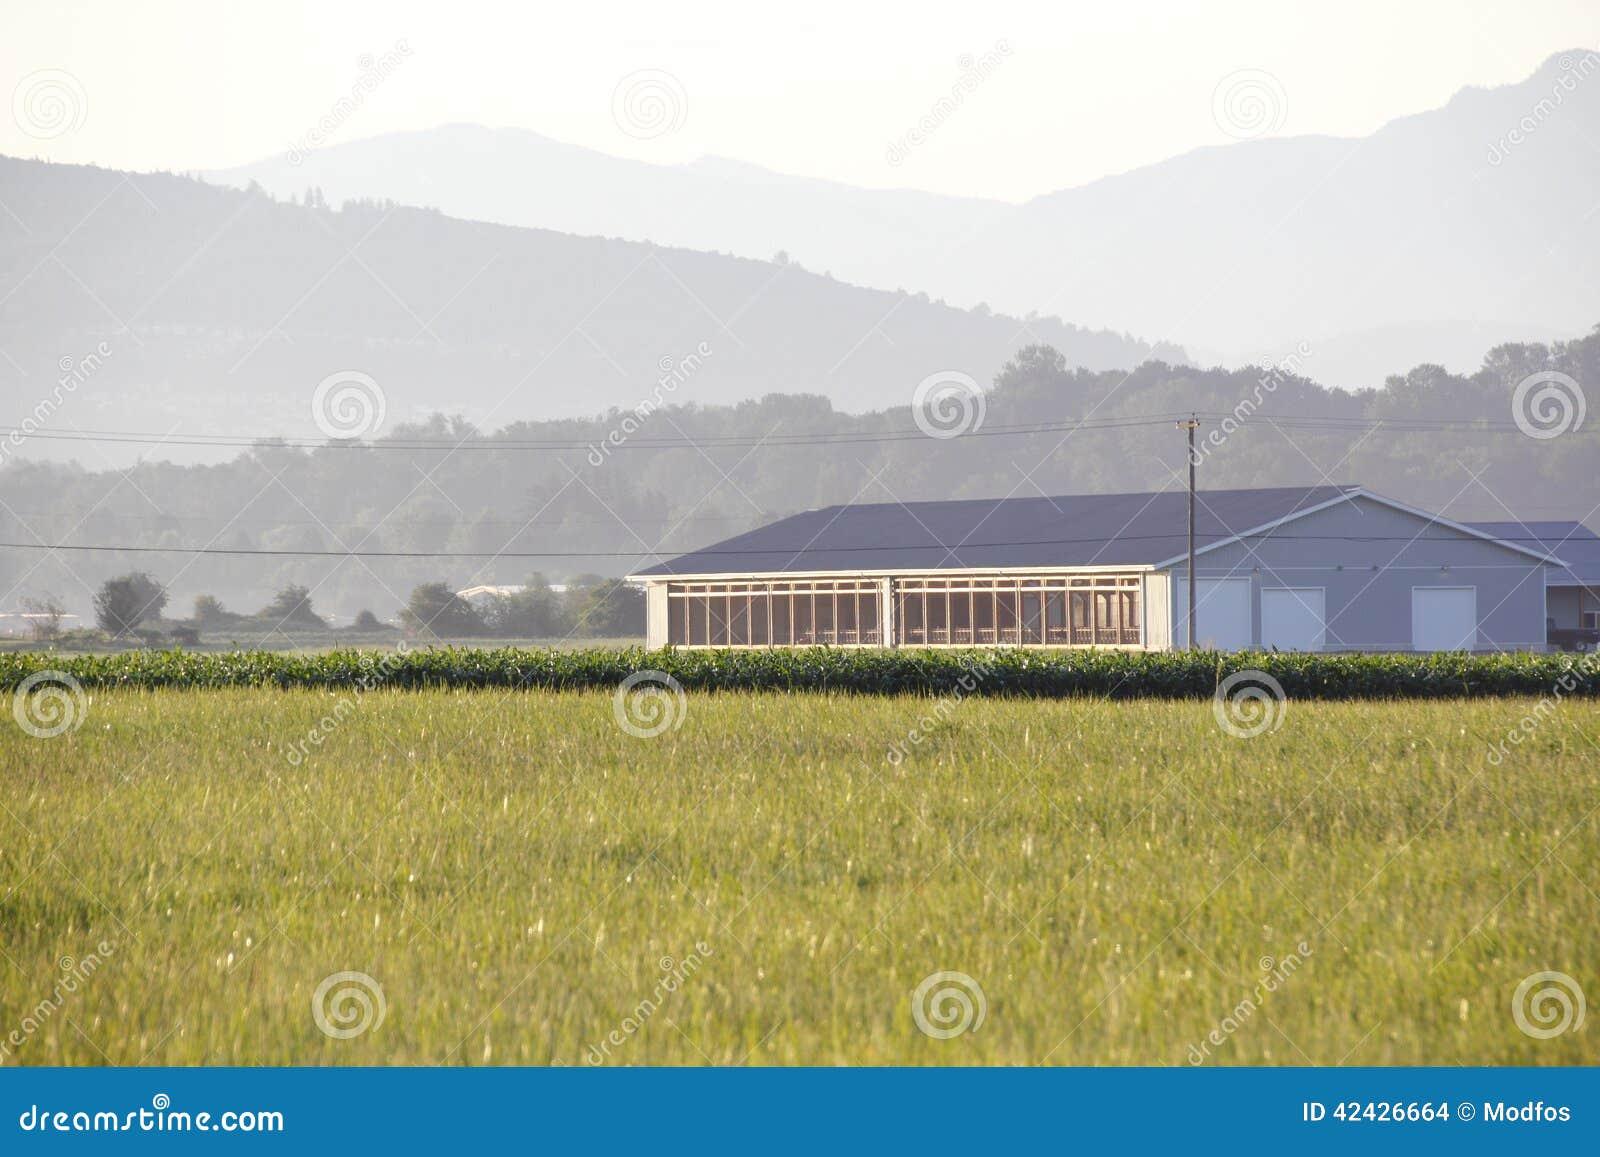 Edificio agrícola moderno